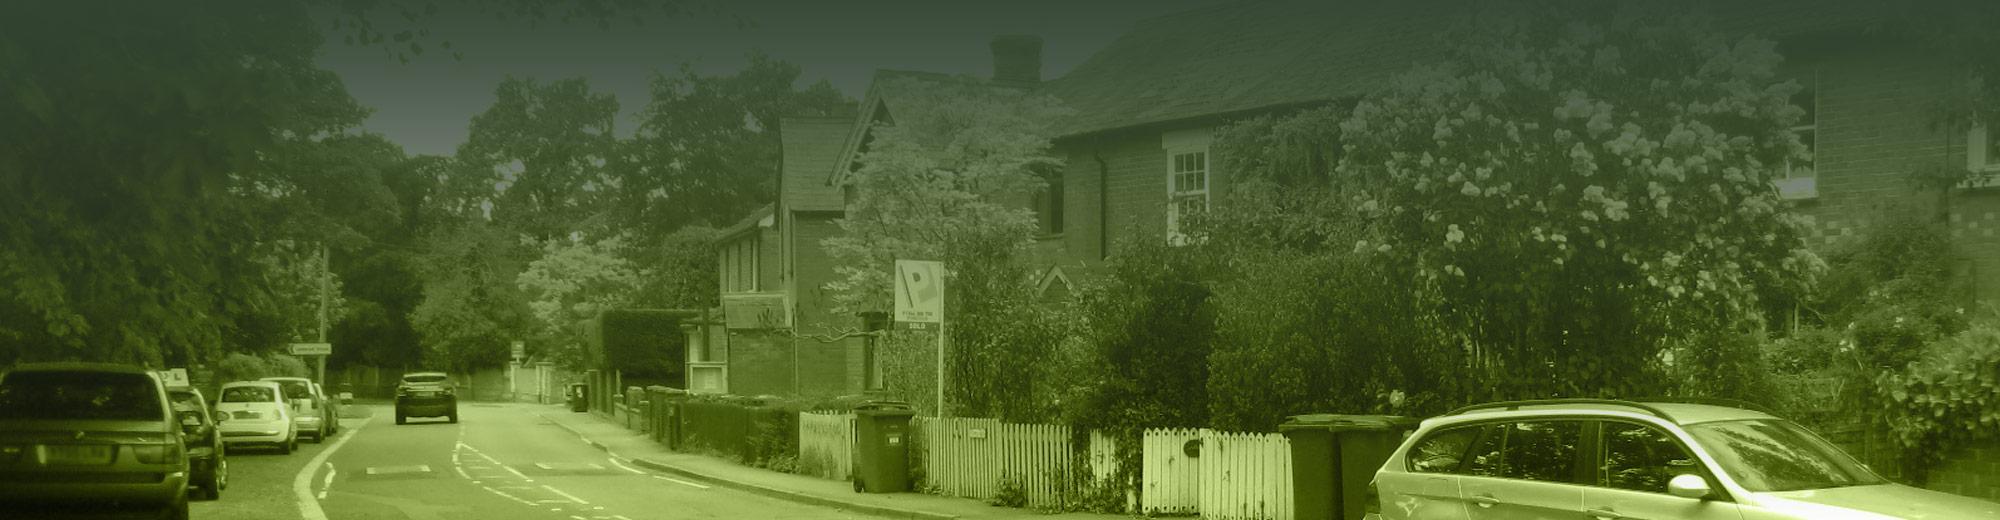 Winkfield Row